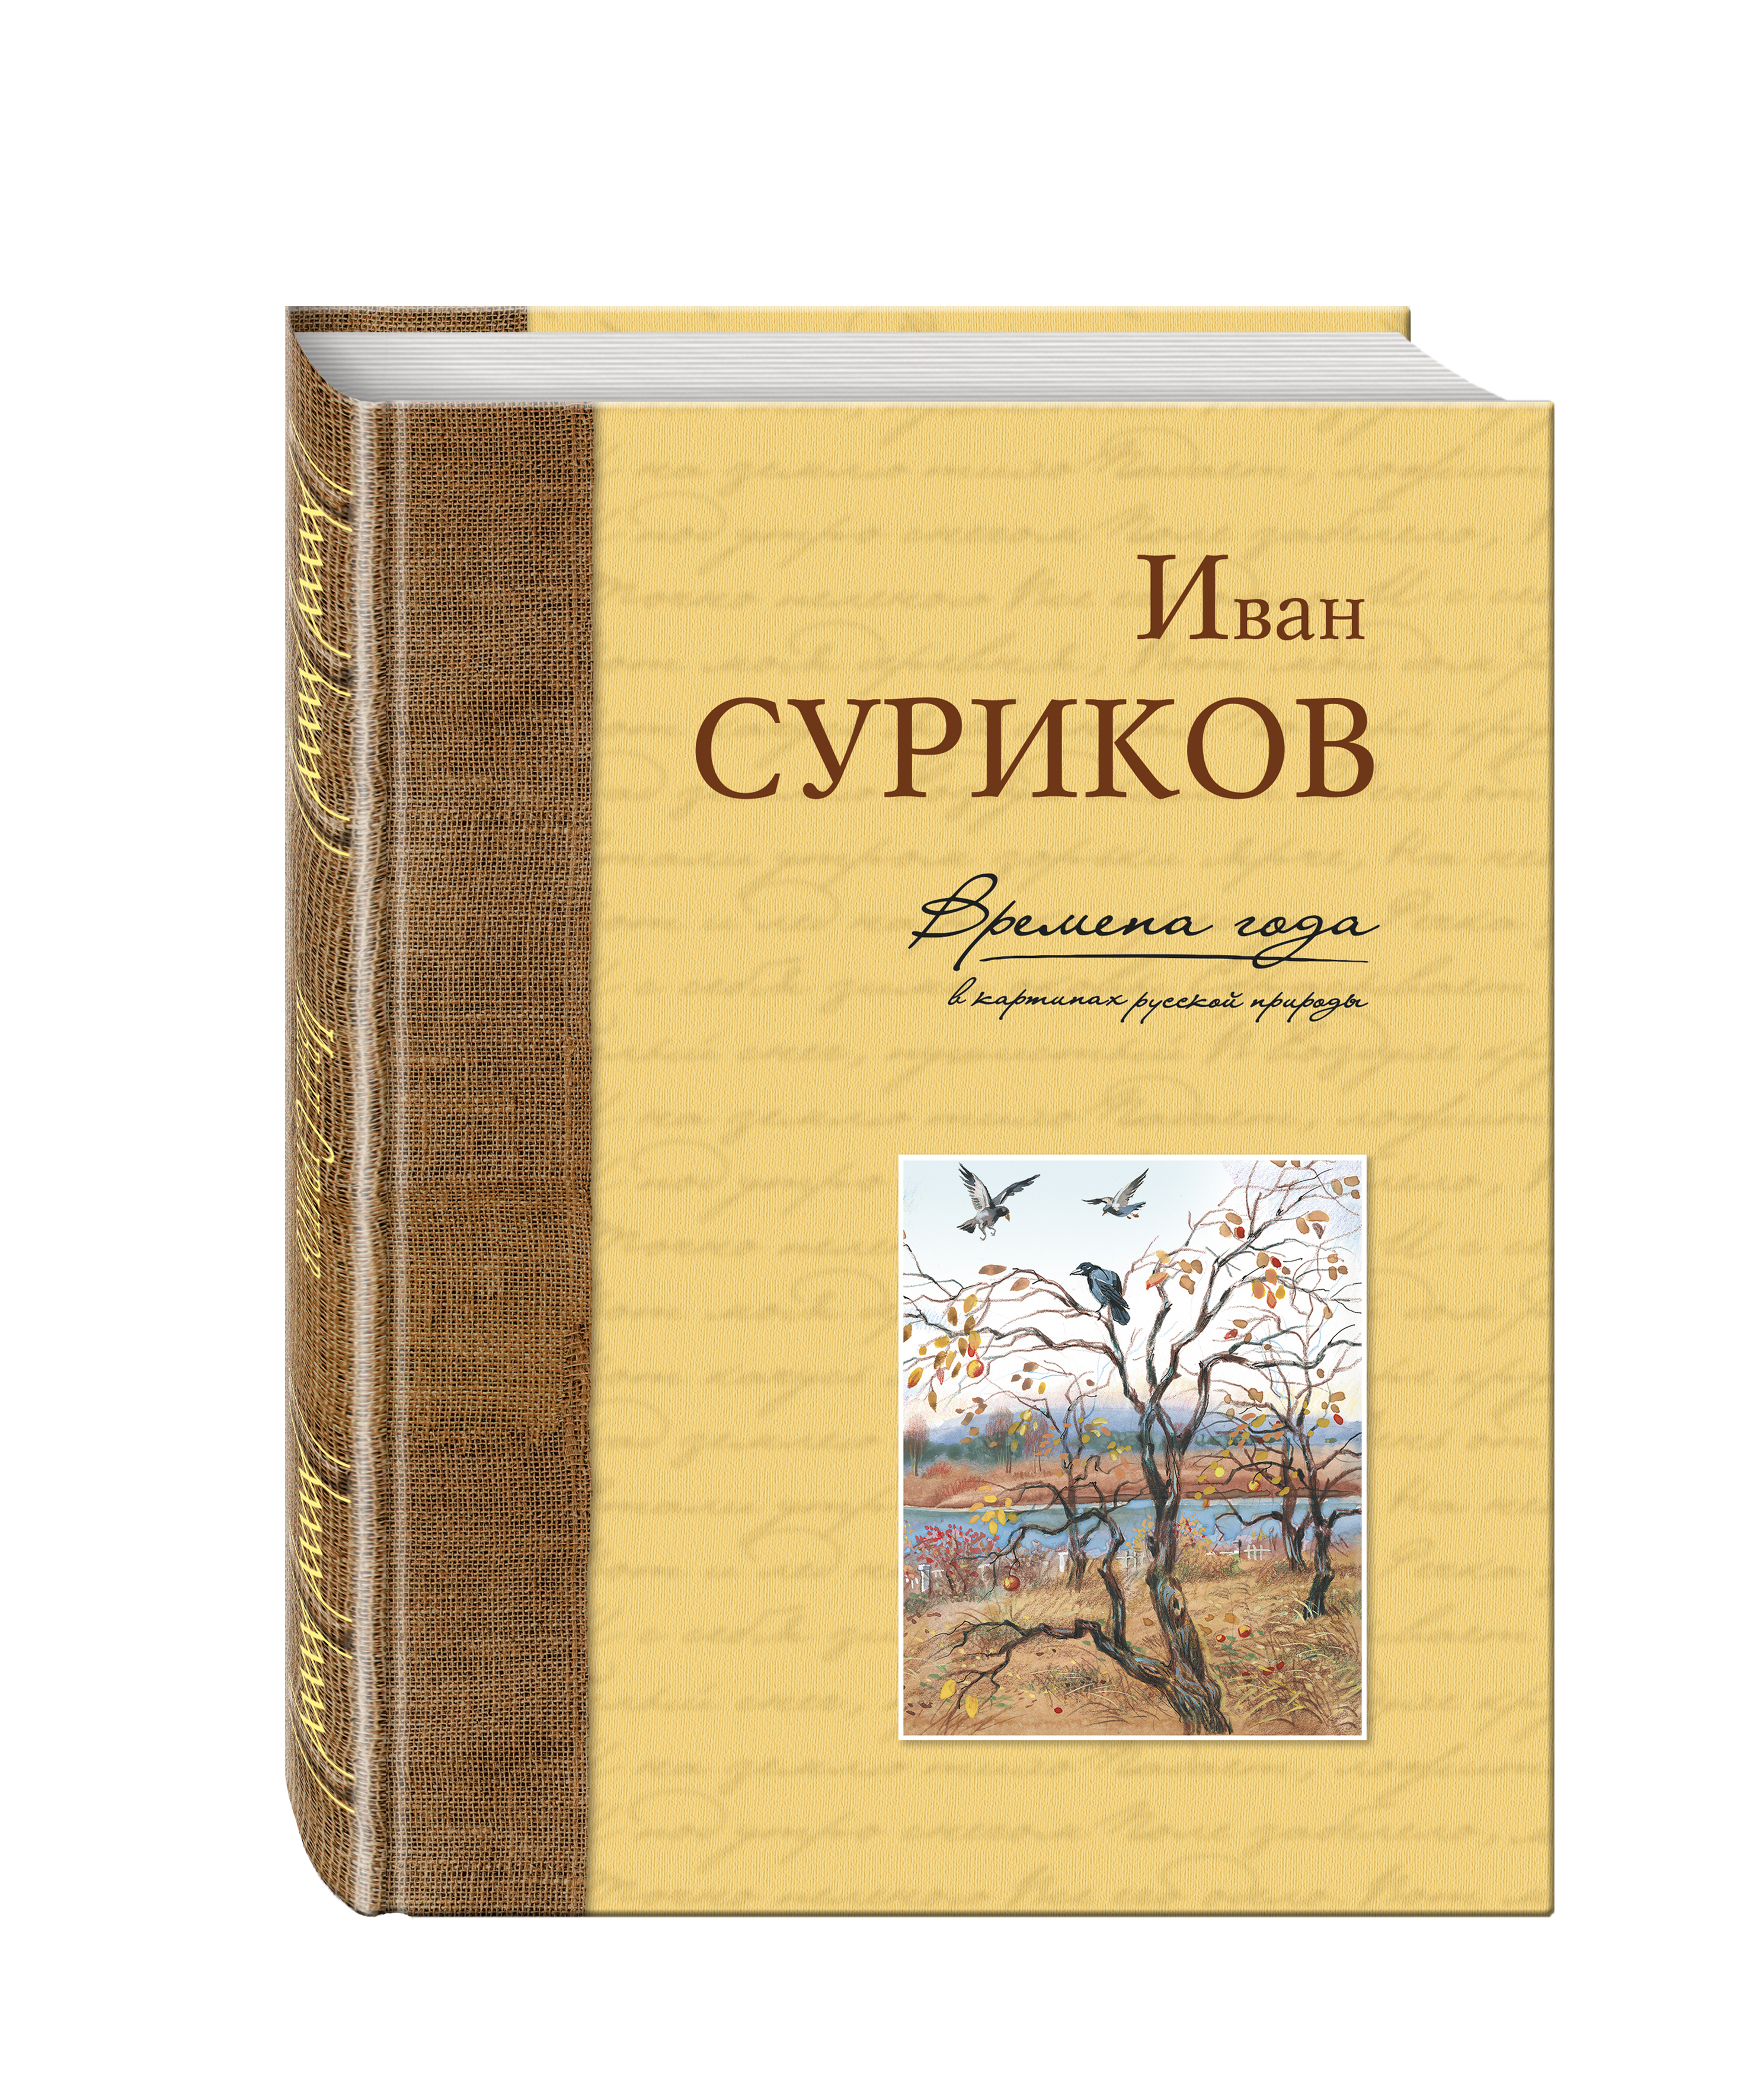 Иван Суриков Времена года в картинах русской природы